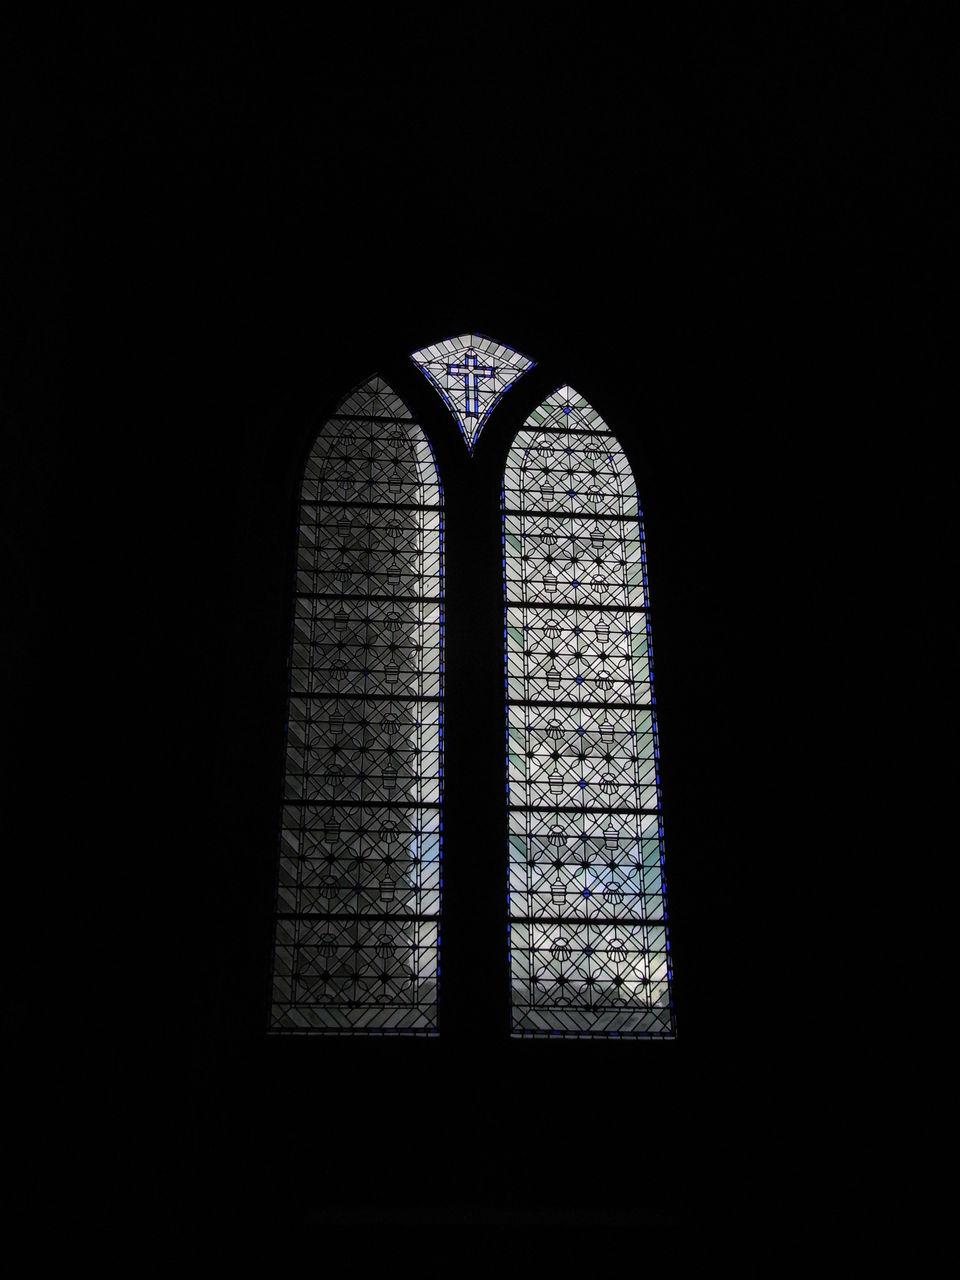 2010_Paris1 507